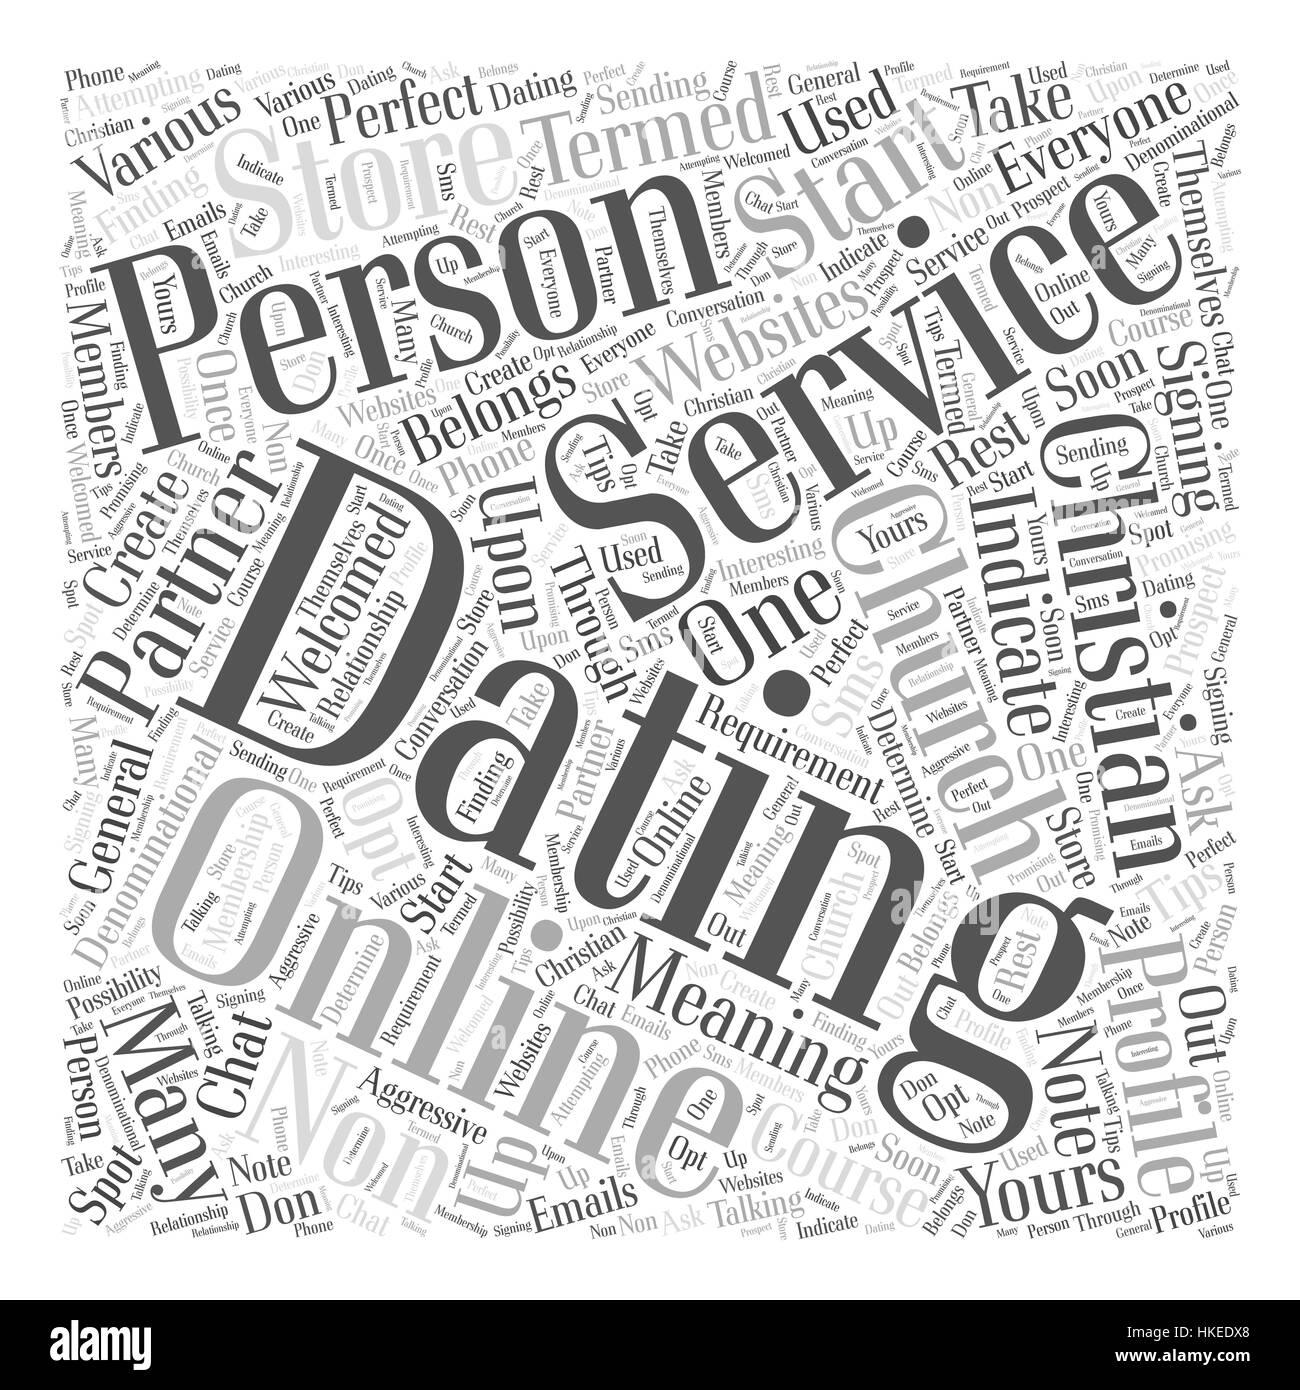 dating websites hk gratis messianske jødiske dating sites